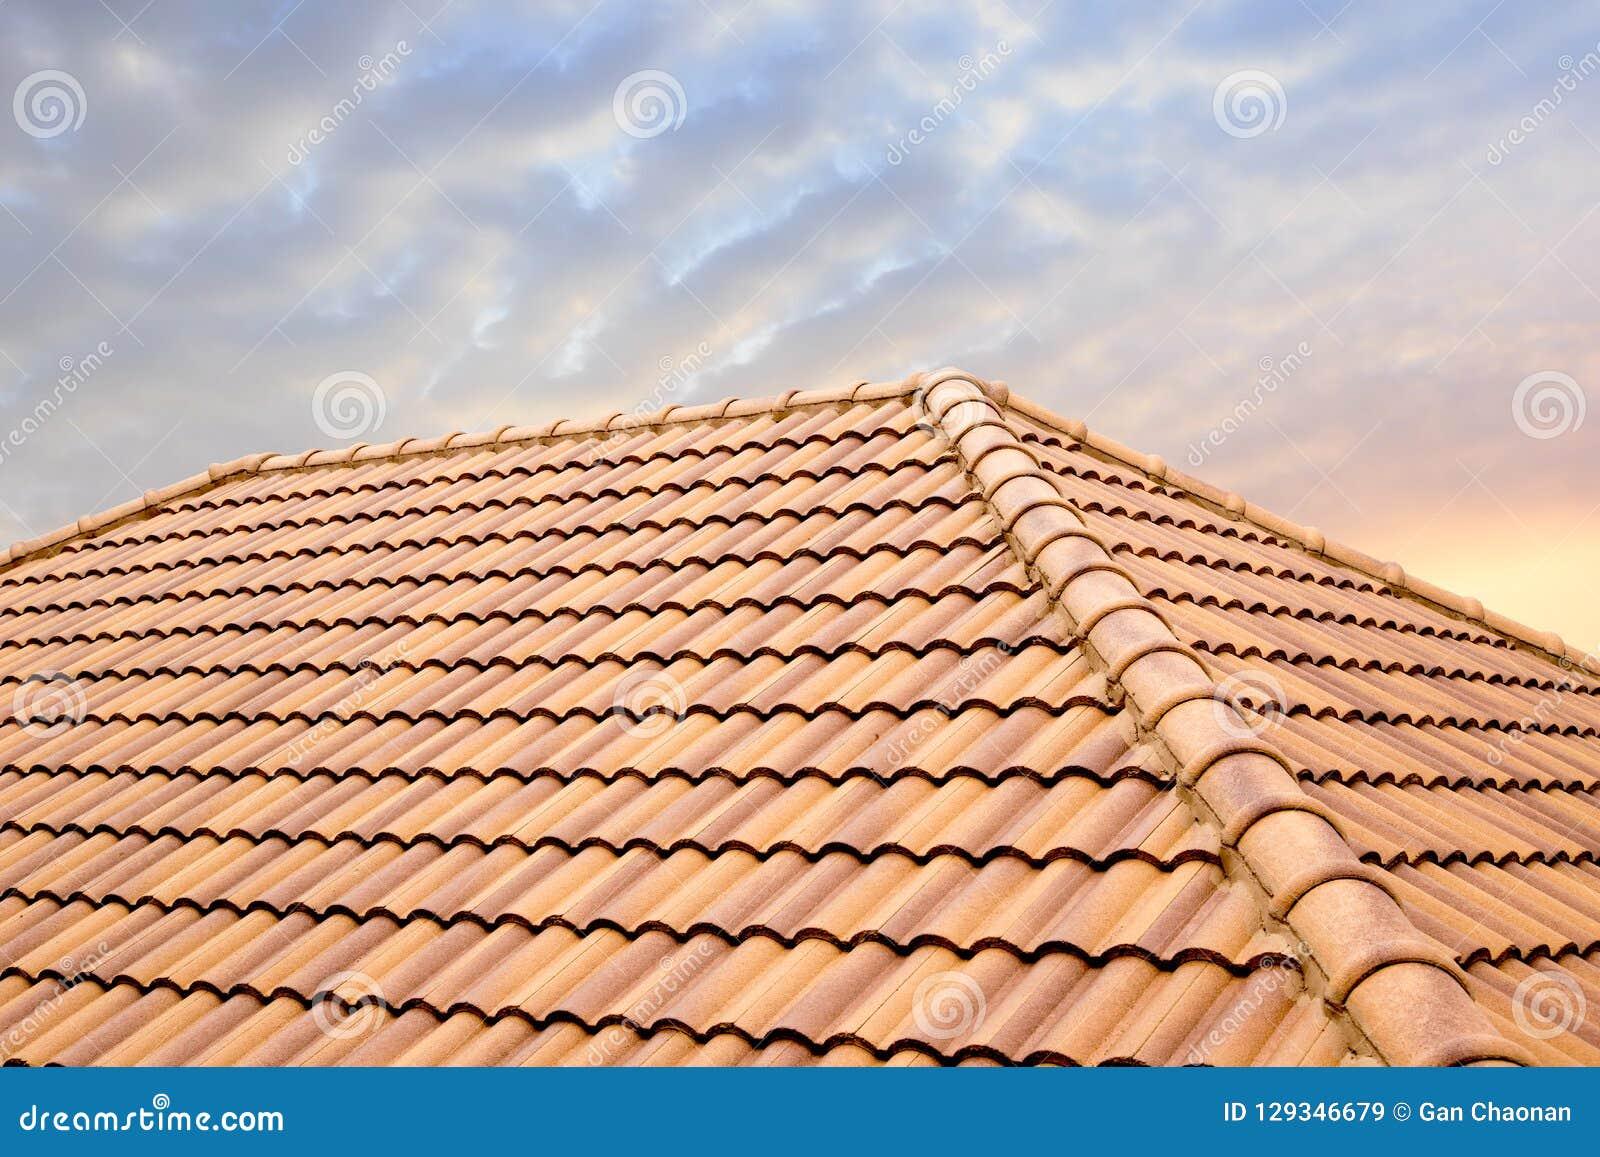 Luz del sol de las tejas y del cielo de tejado Concepto de los contratistas de techos que instala el tejado de la casa